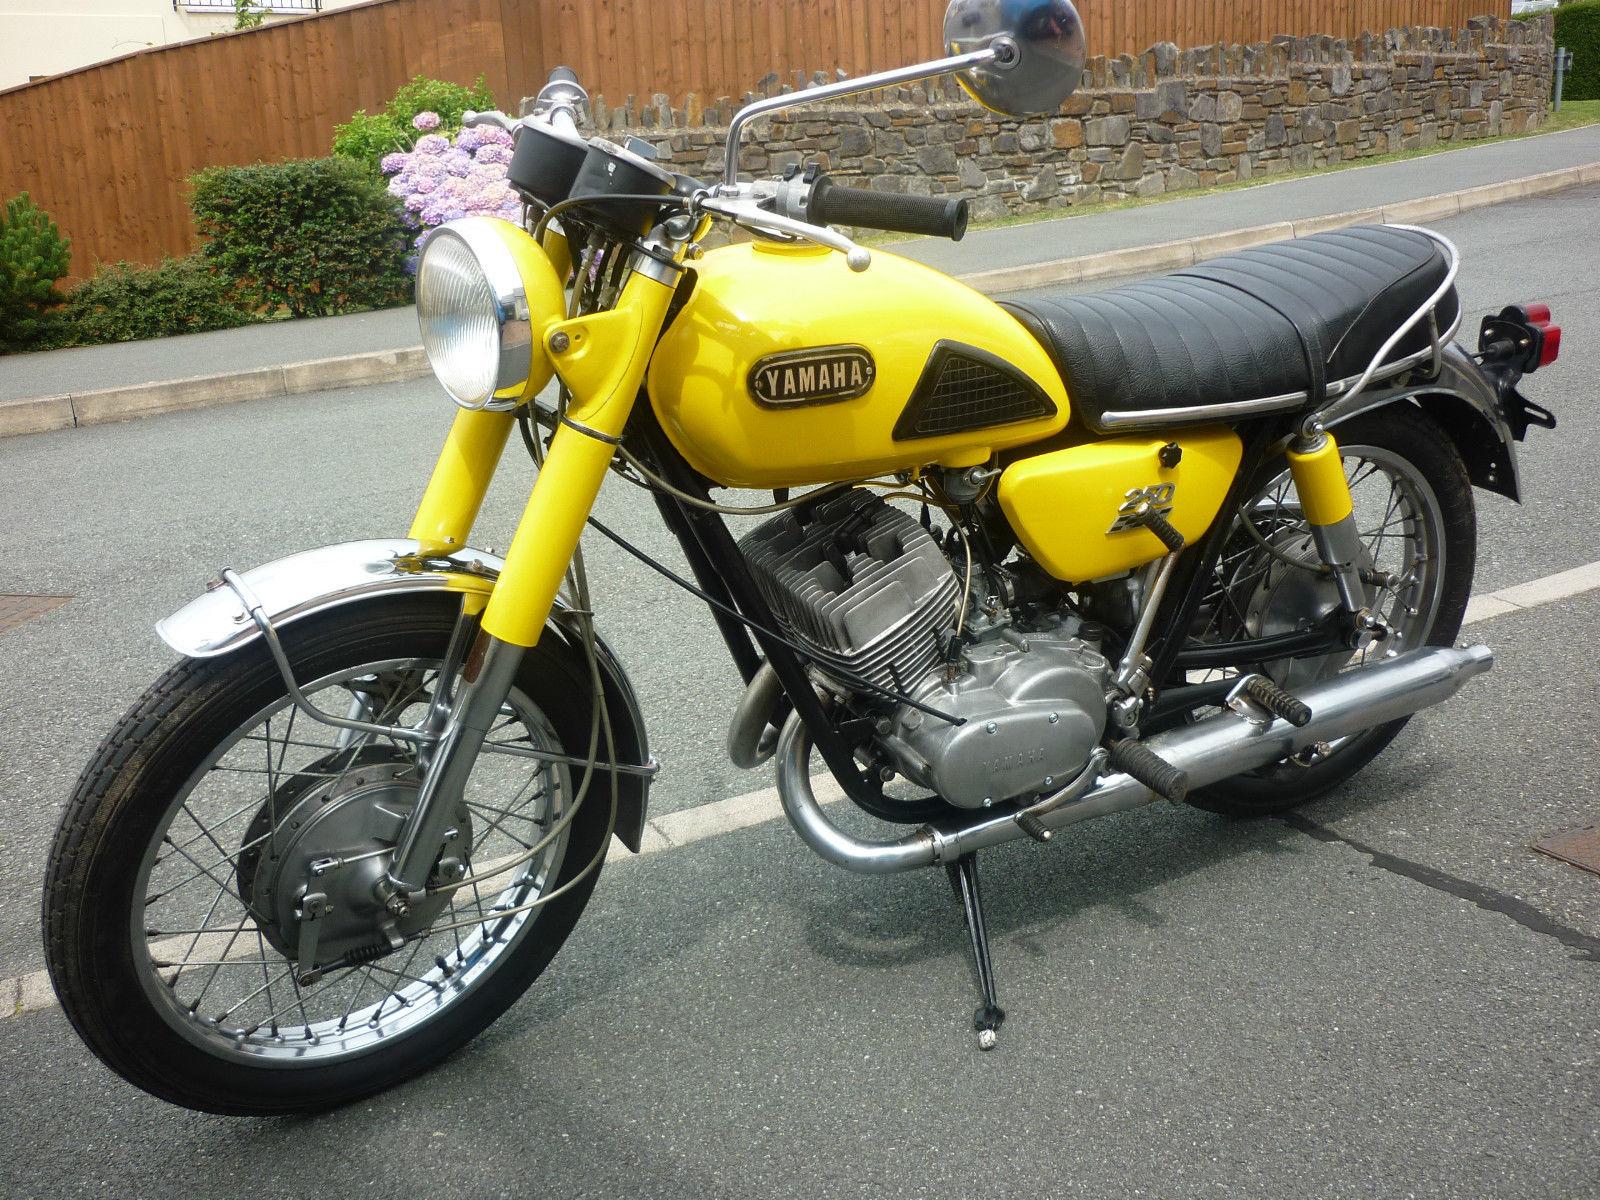 Yamaha yds6 250 cc 2 stroke twin 1969 for Yamaha 250 four stroke